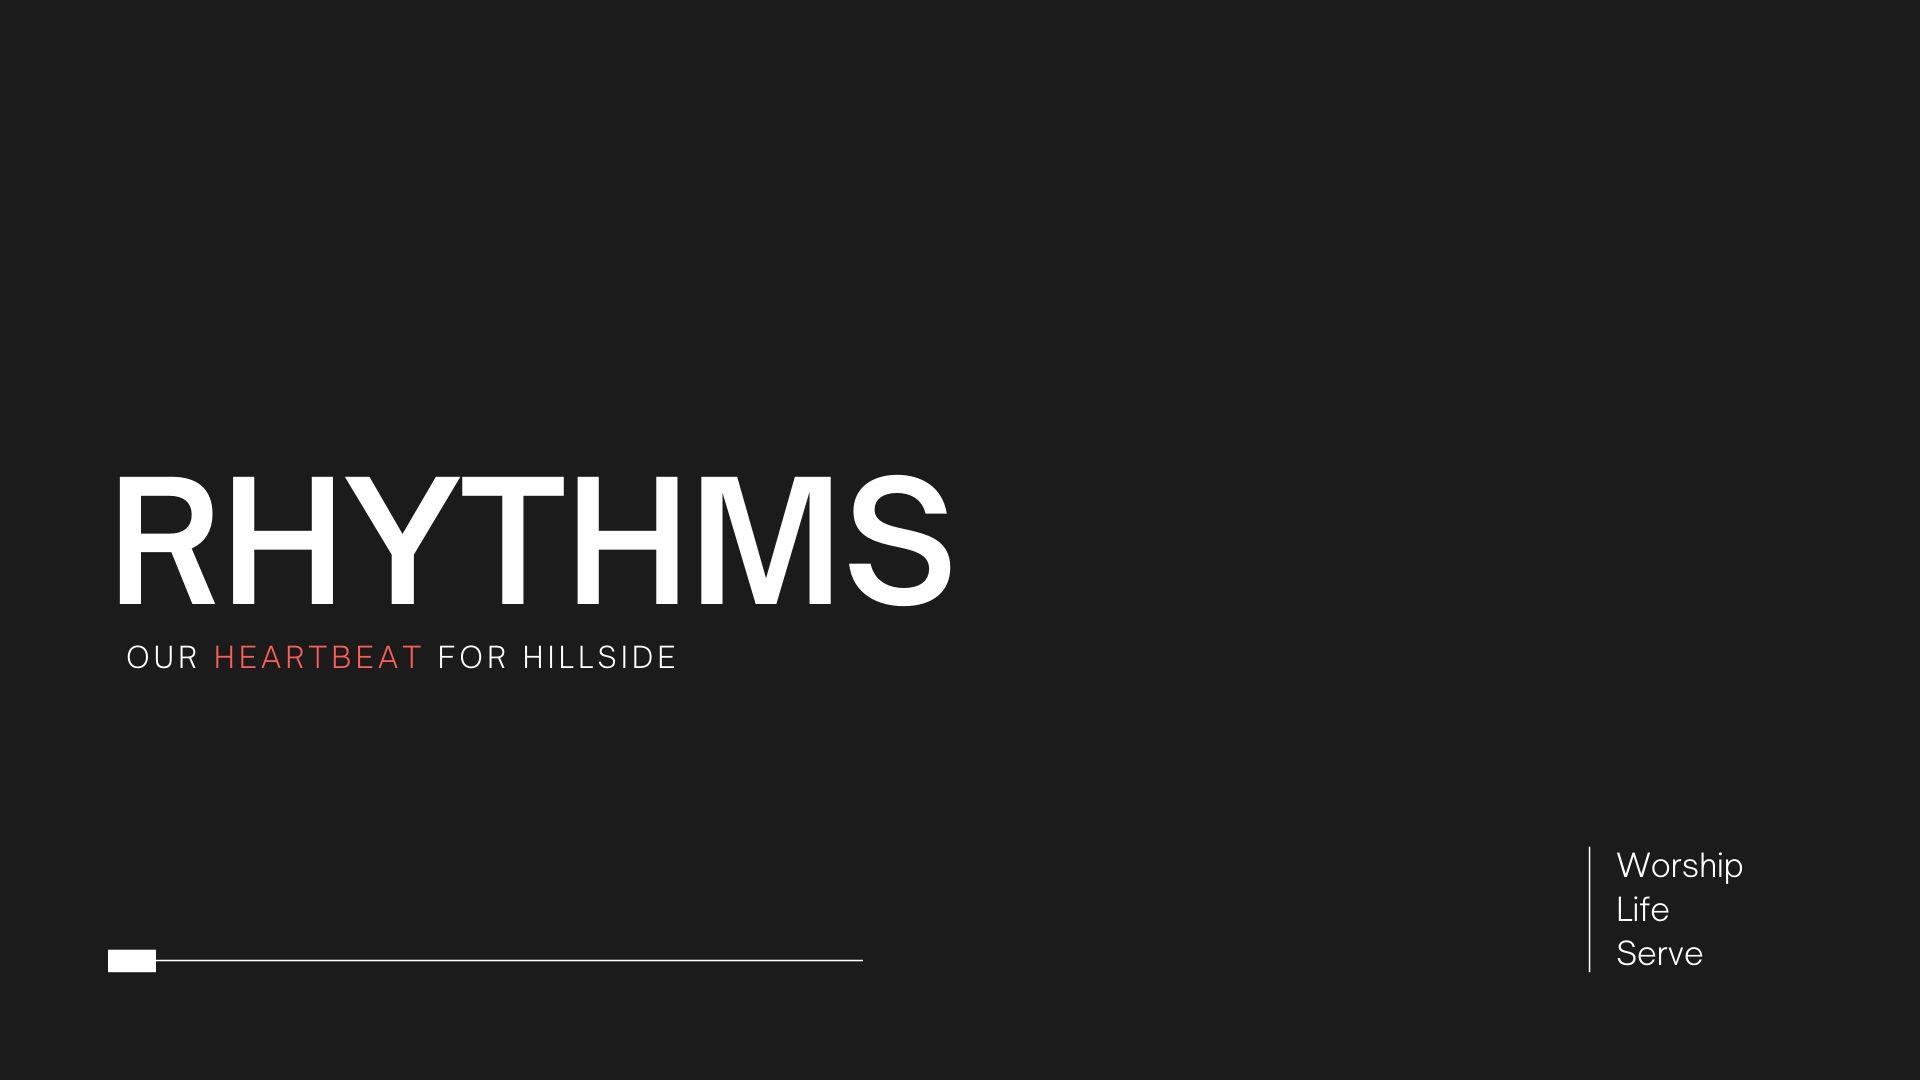 Series: Rhythms